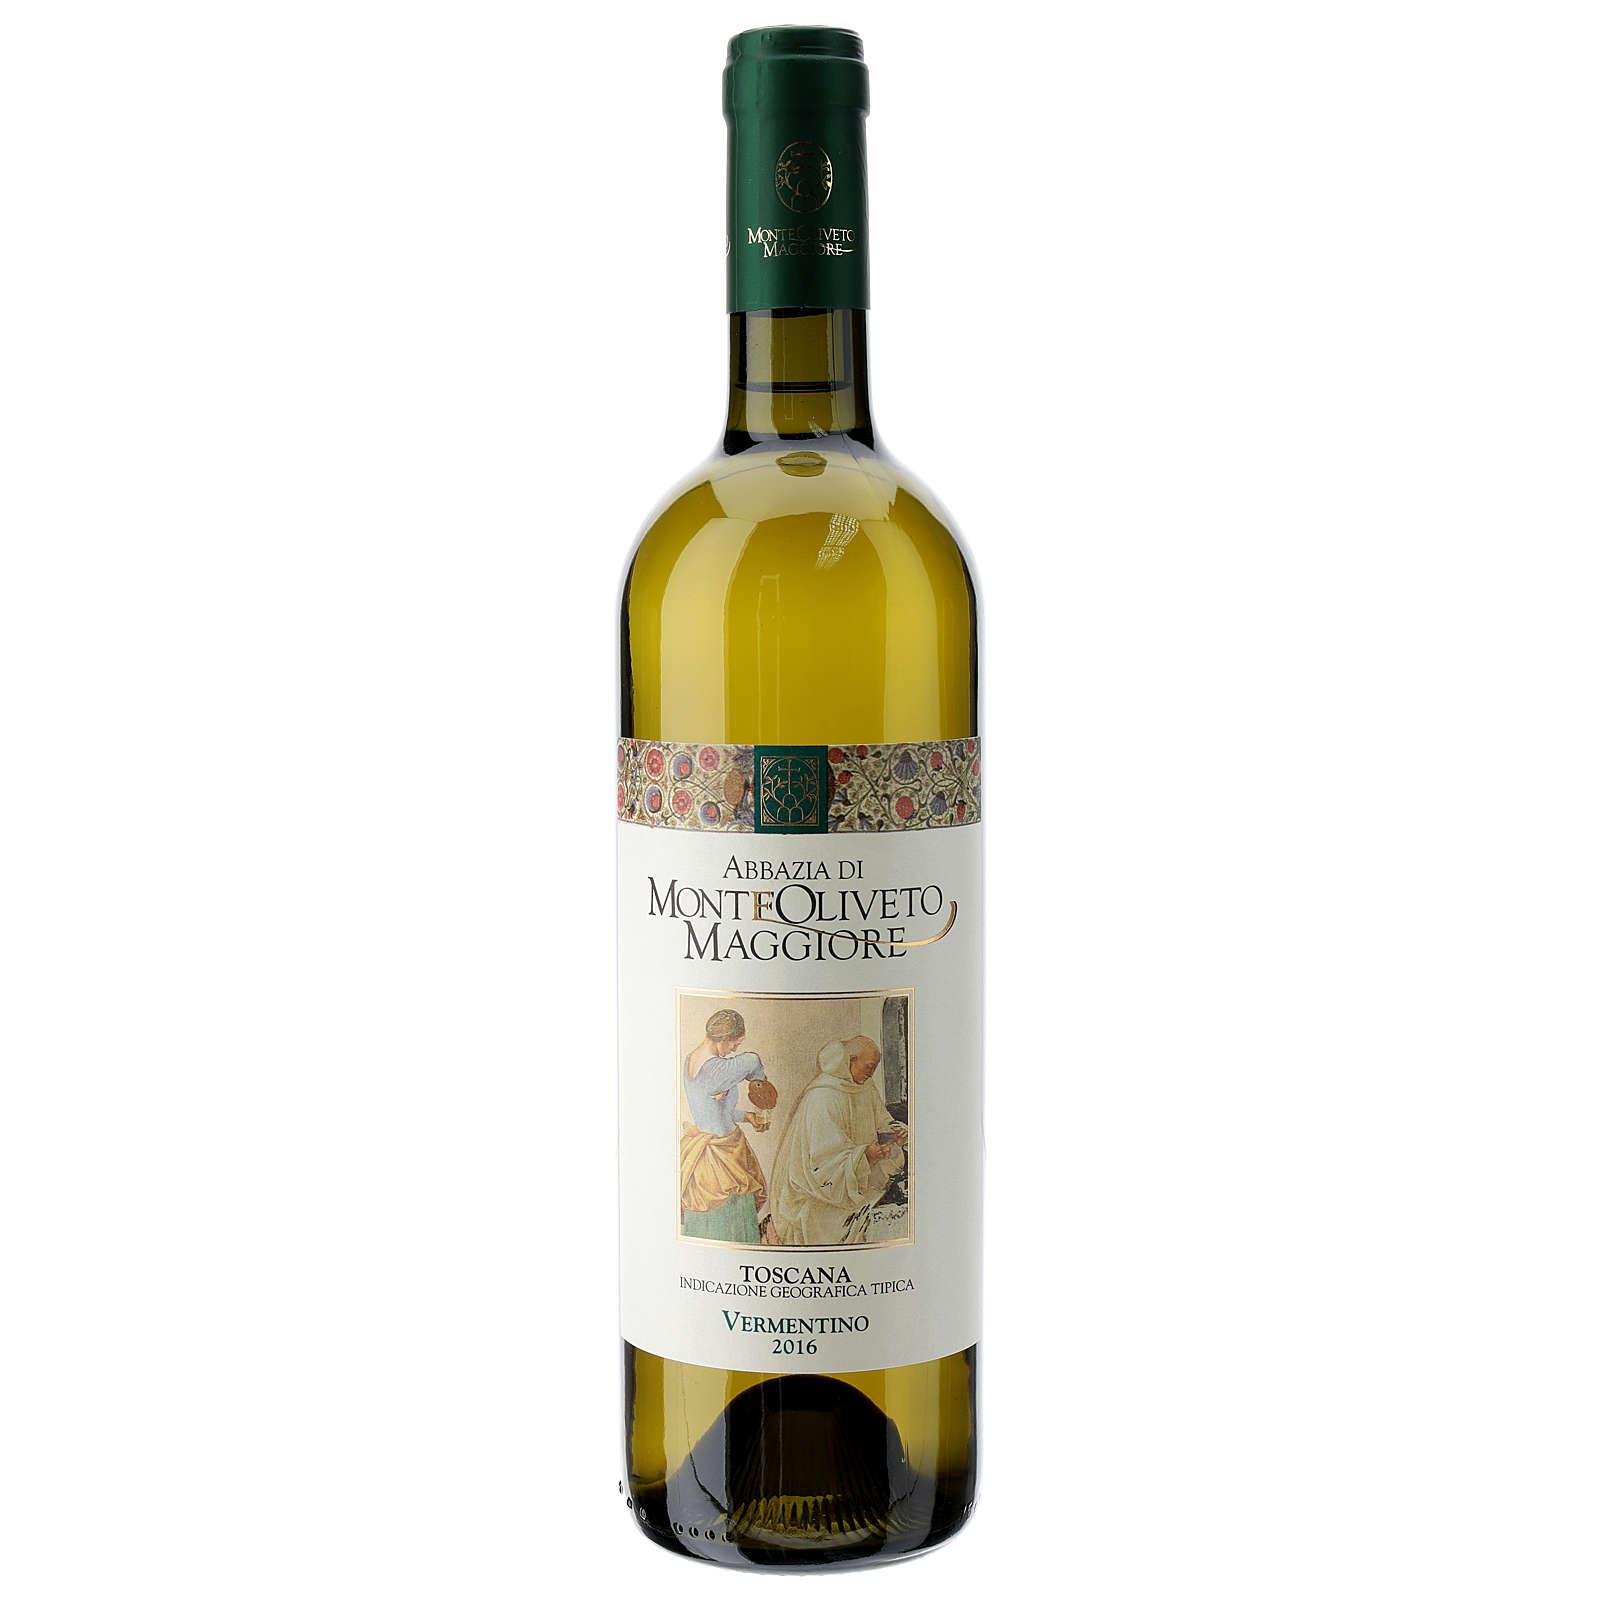 Vino Toscana blanco 2016 Abbazia Monte Oliveto 750ml 3